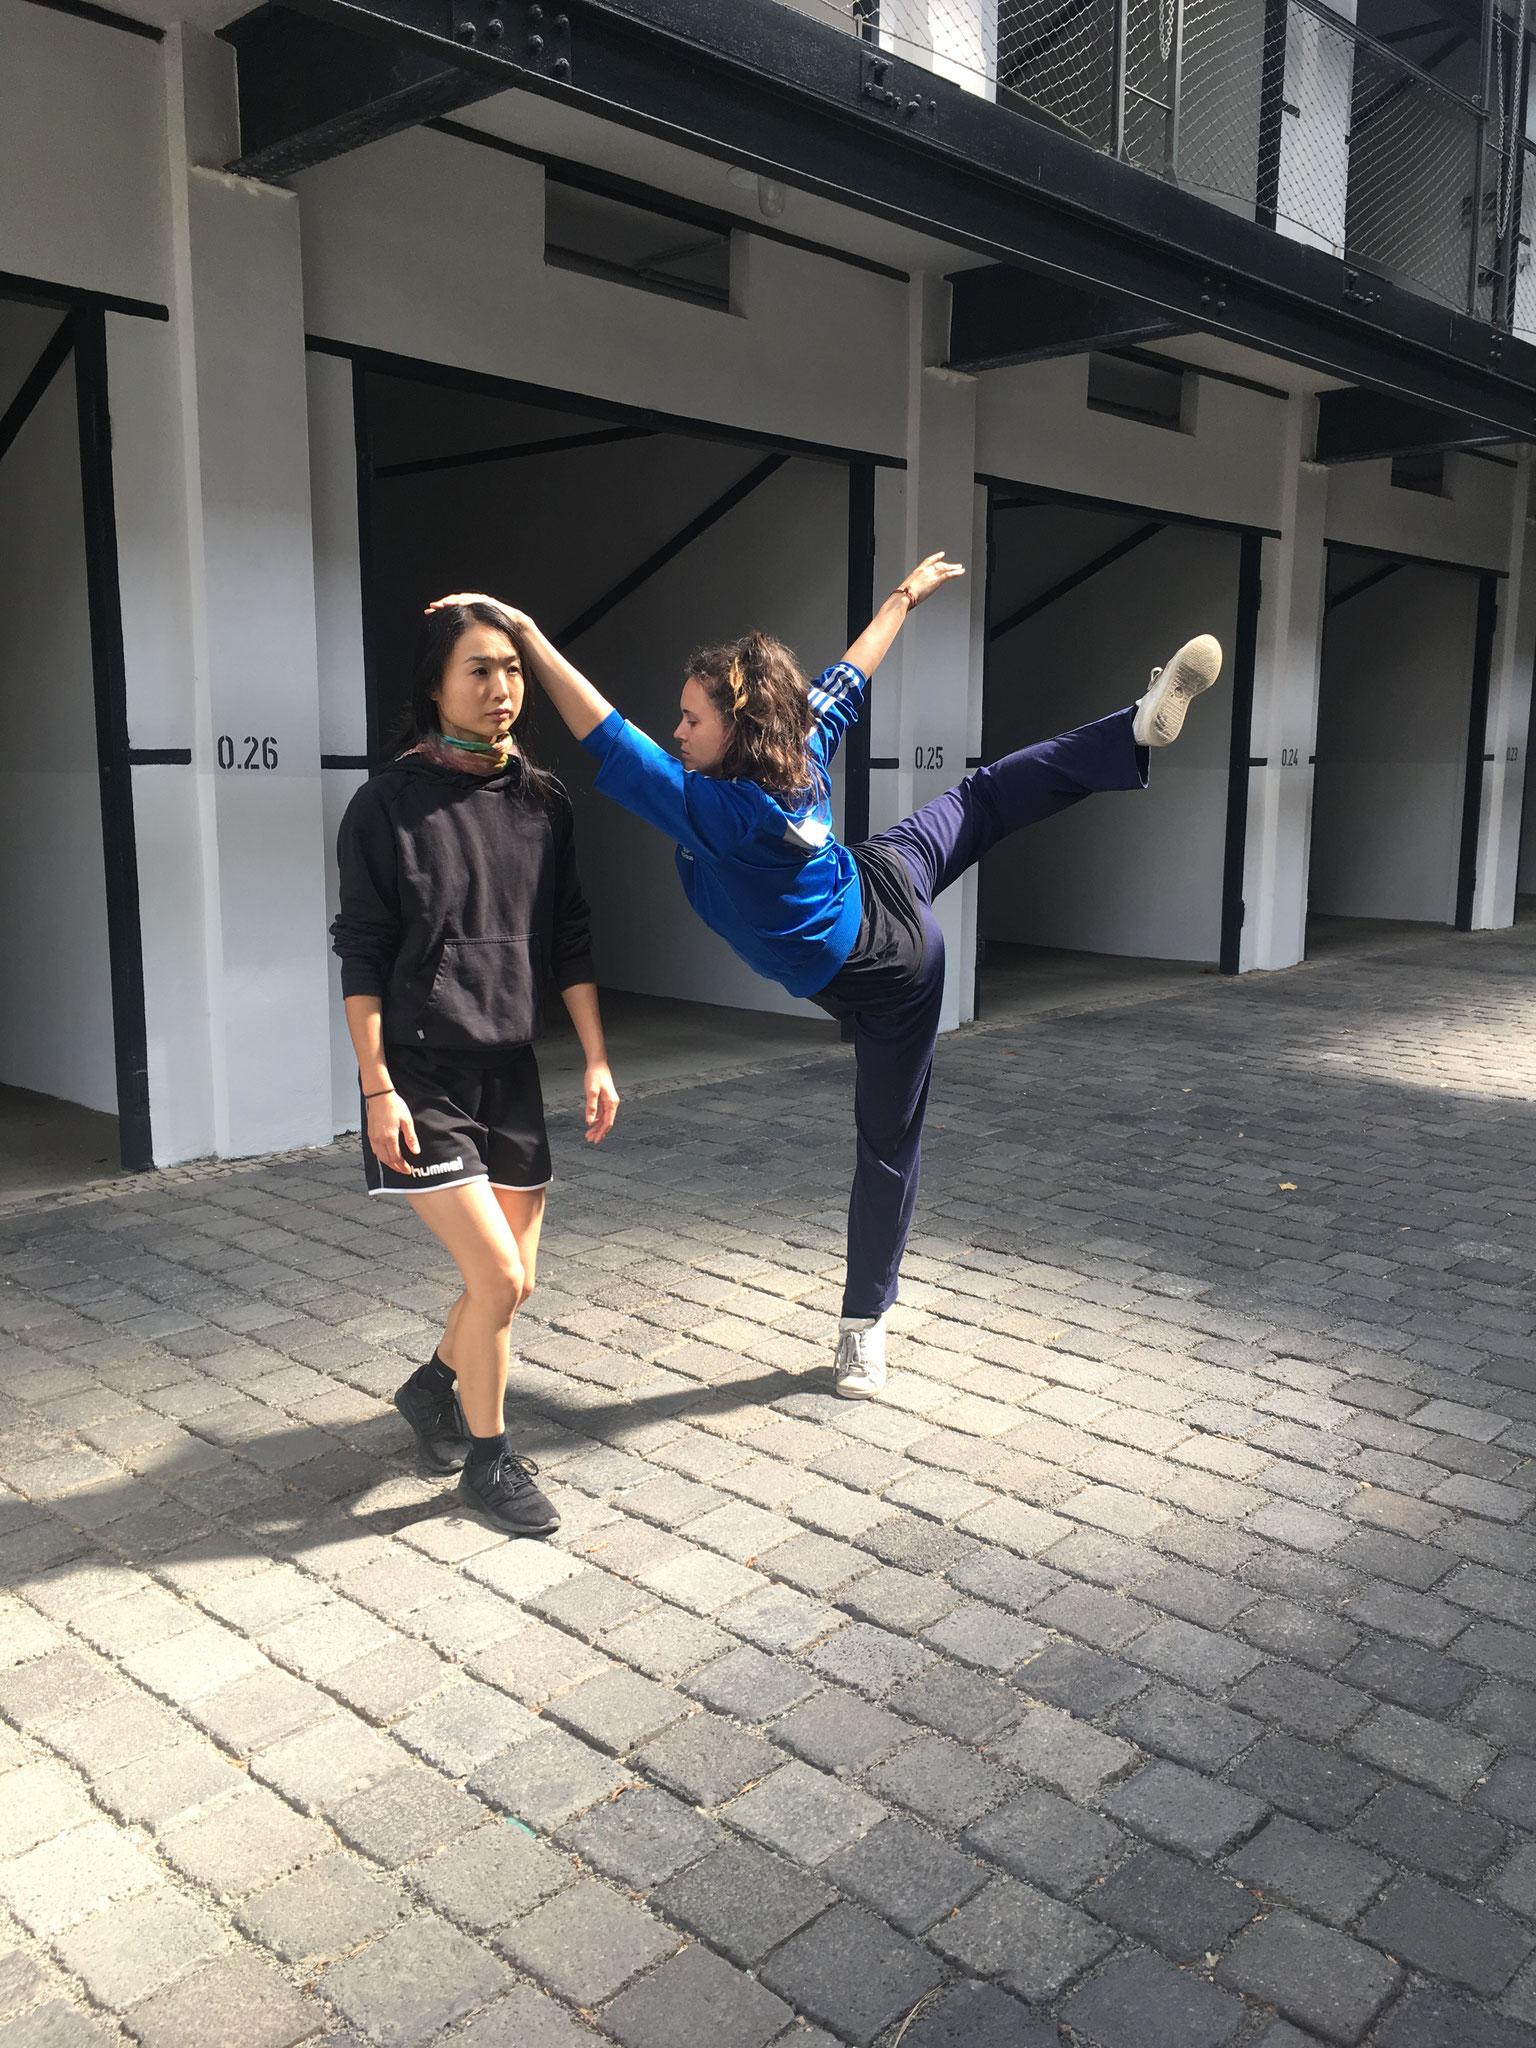 Probenschnappschuss Großgarage Süd - Rika Yotsumoto, Donna-Mae Burrows